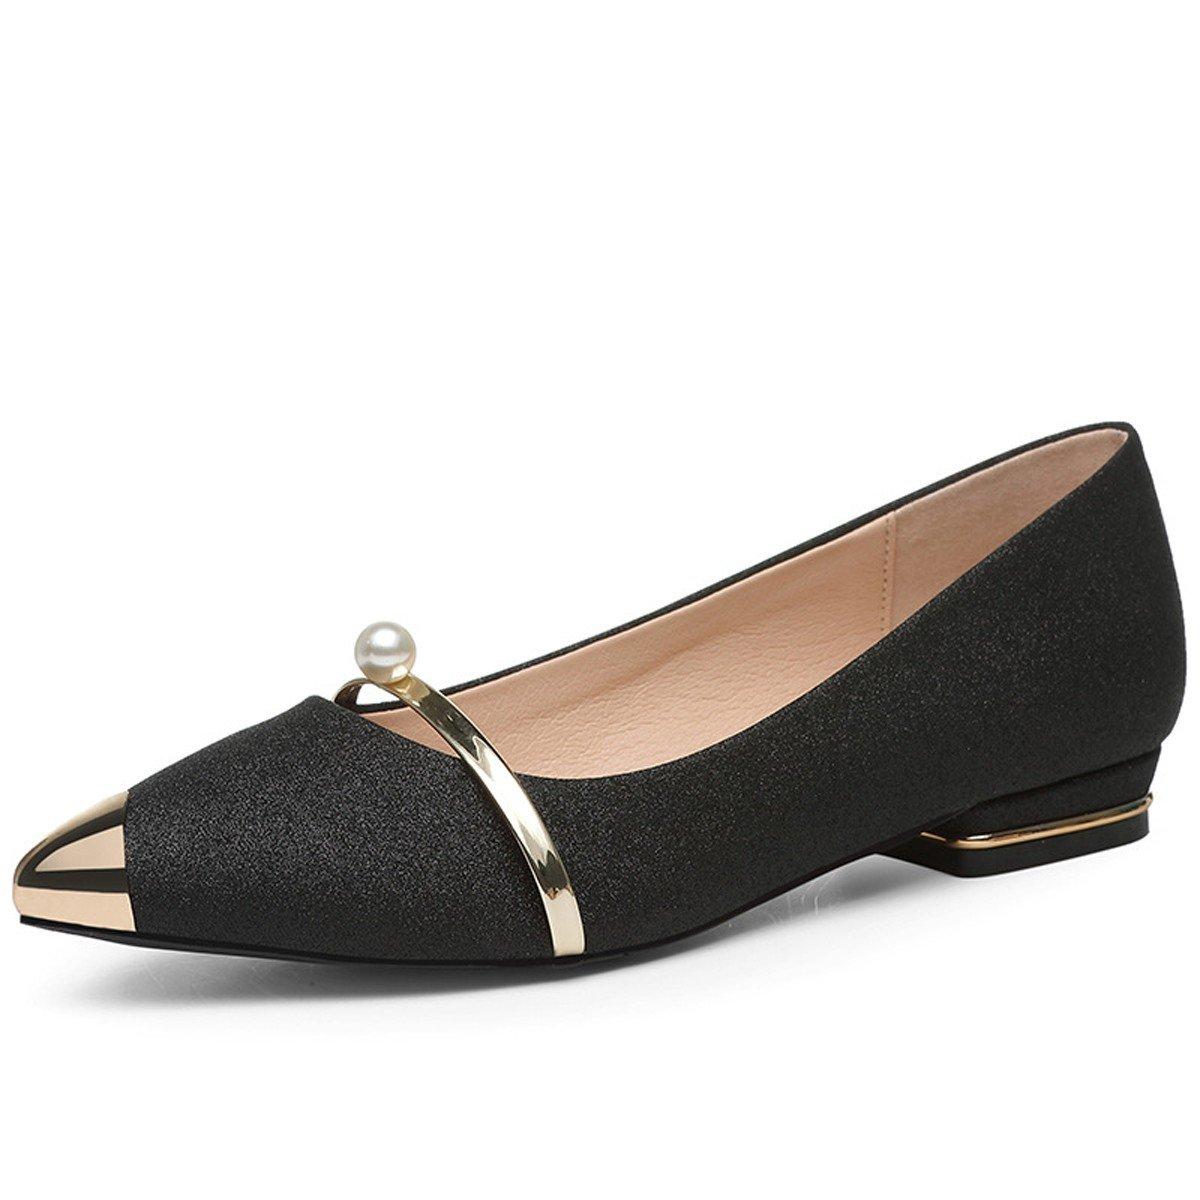 GTVERNH Damenschuhe Einzelne Schuhe Schuhe Sommer Scharfe Punkte Professionelle Arbeit Pedal.